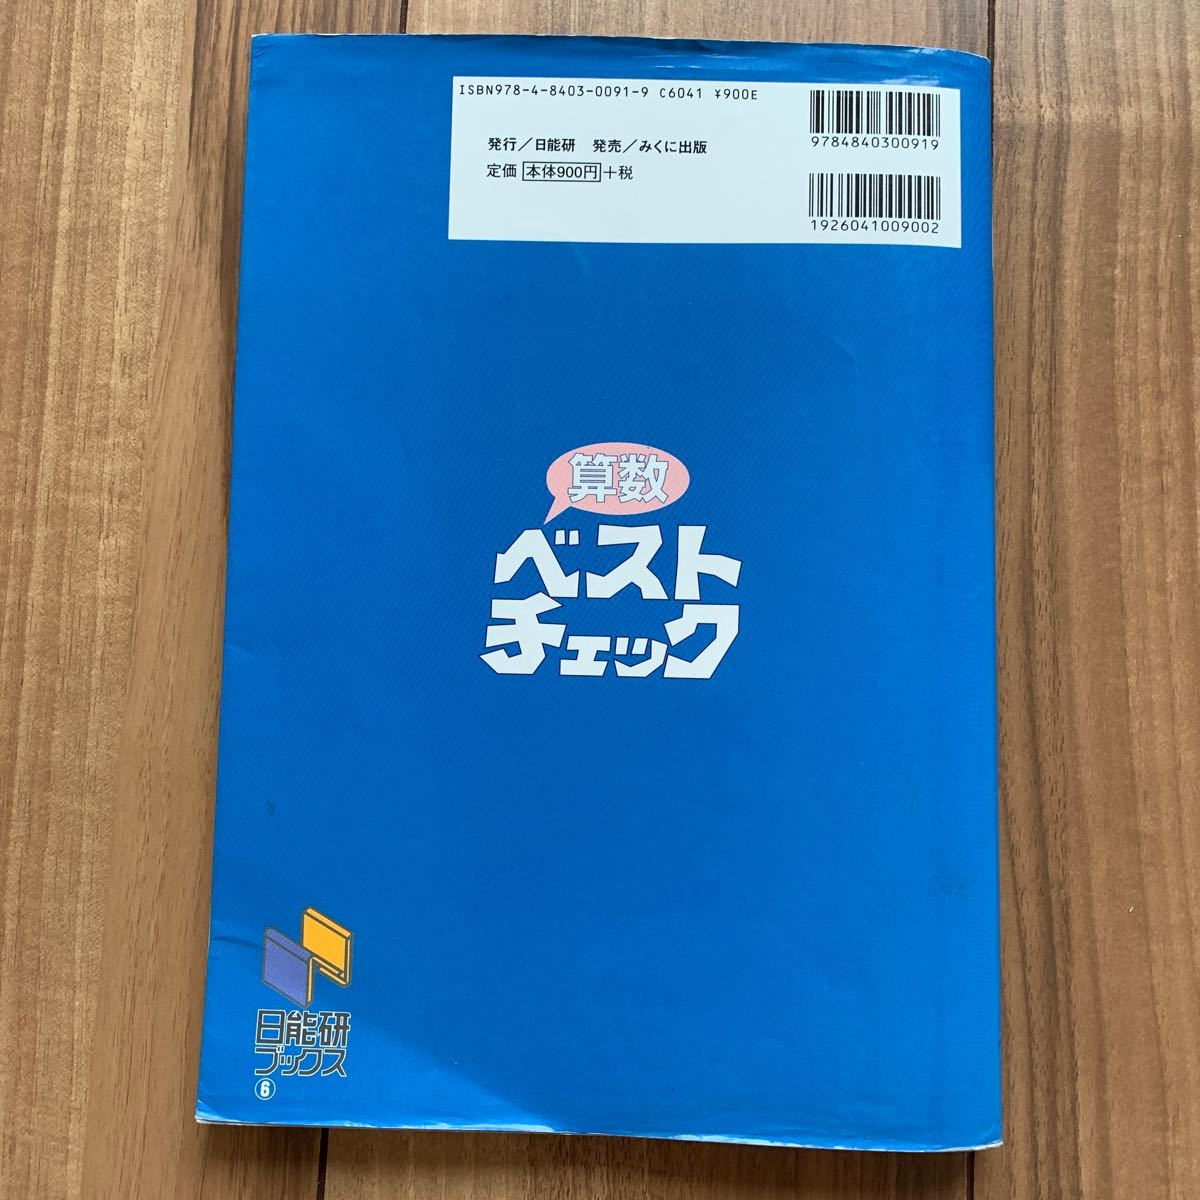 中学受験 日能研 メモリーチェック 算数 チェック ベスト